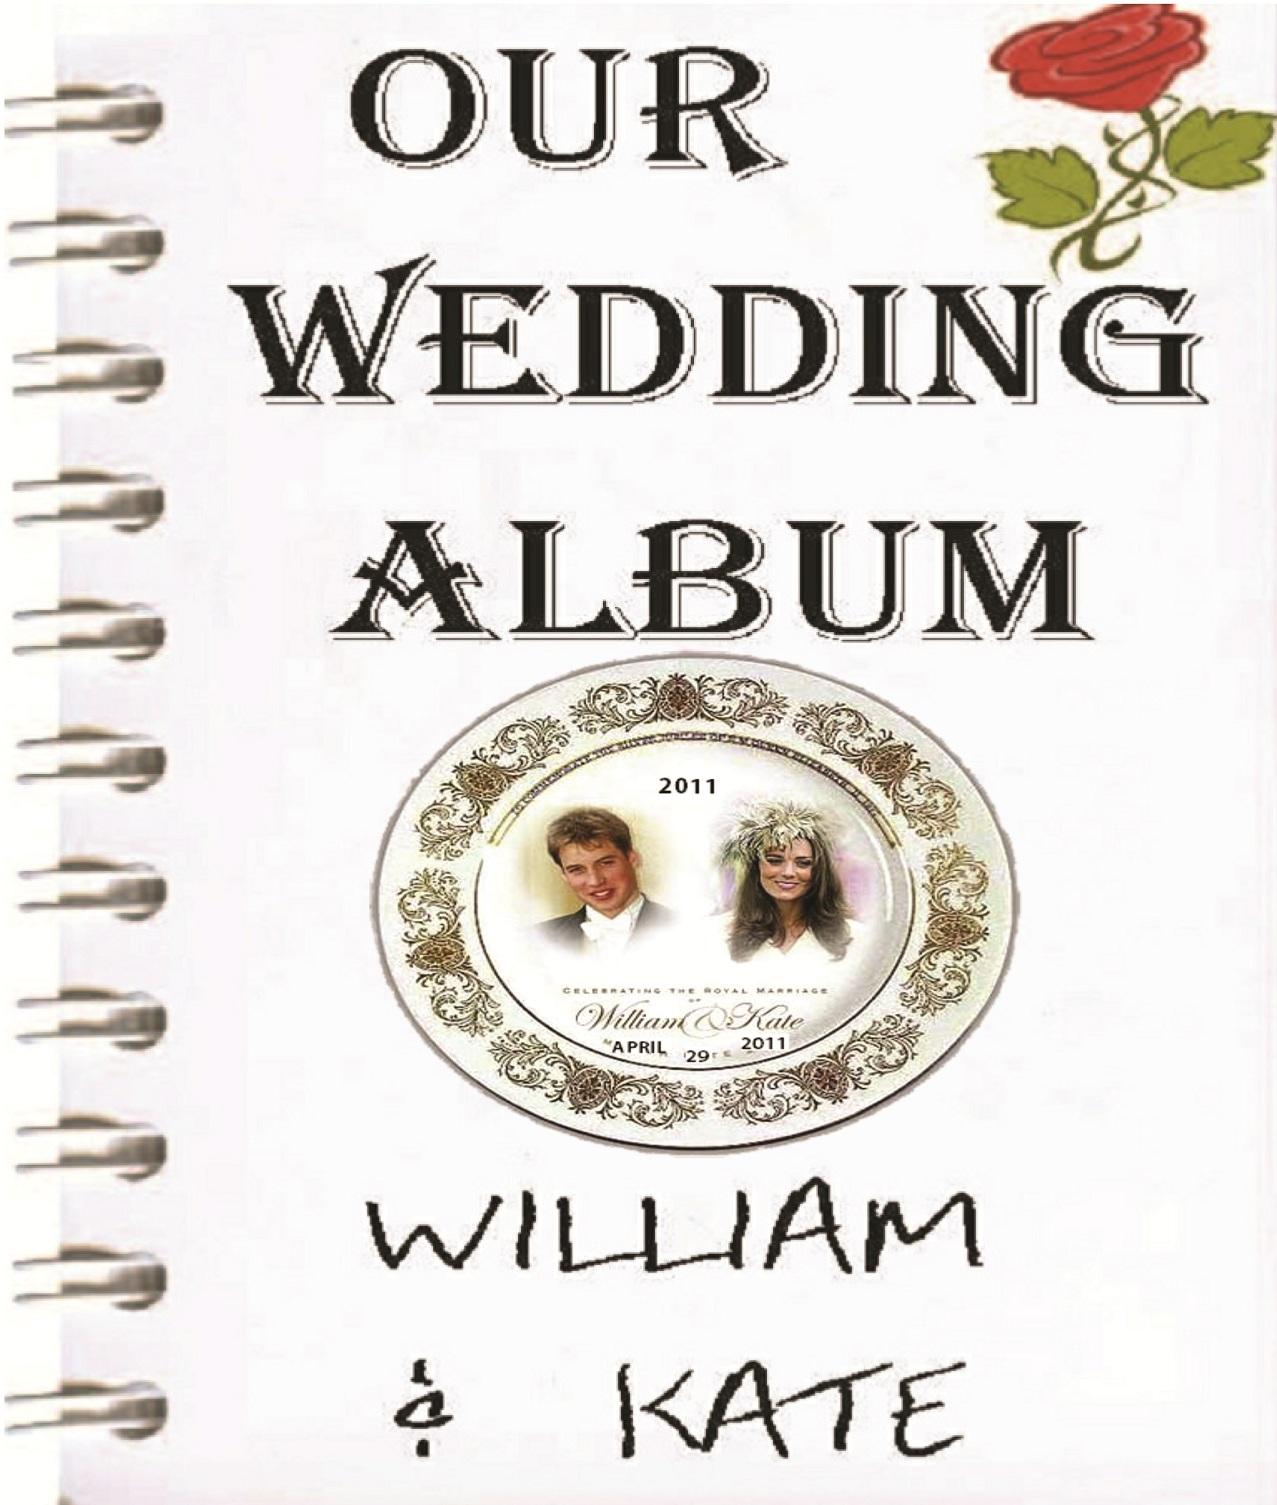 Our wedding photos. Will & Kate EB9781921936753